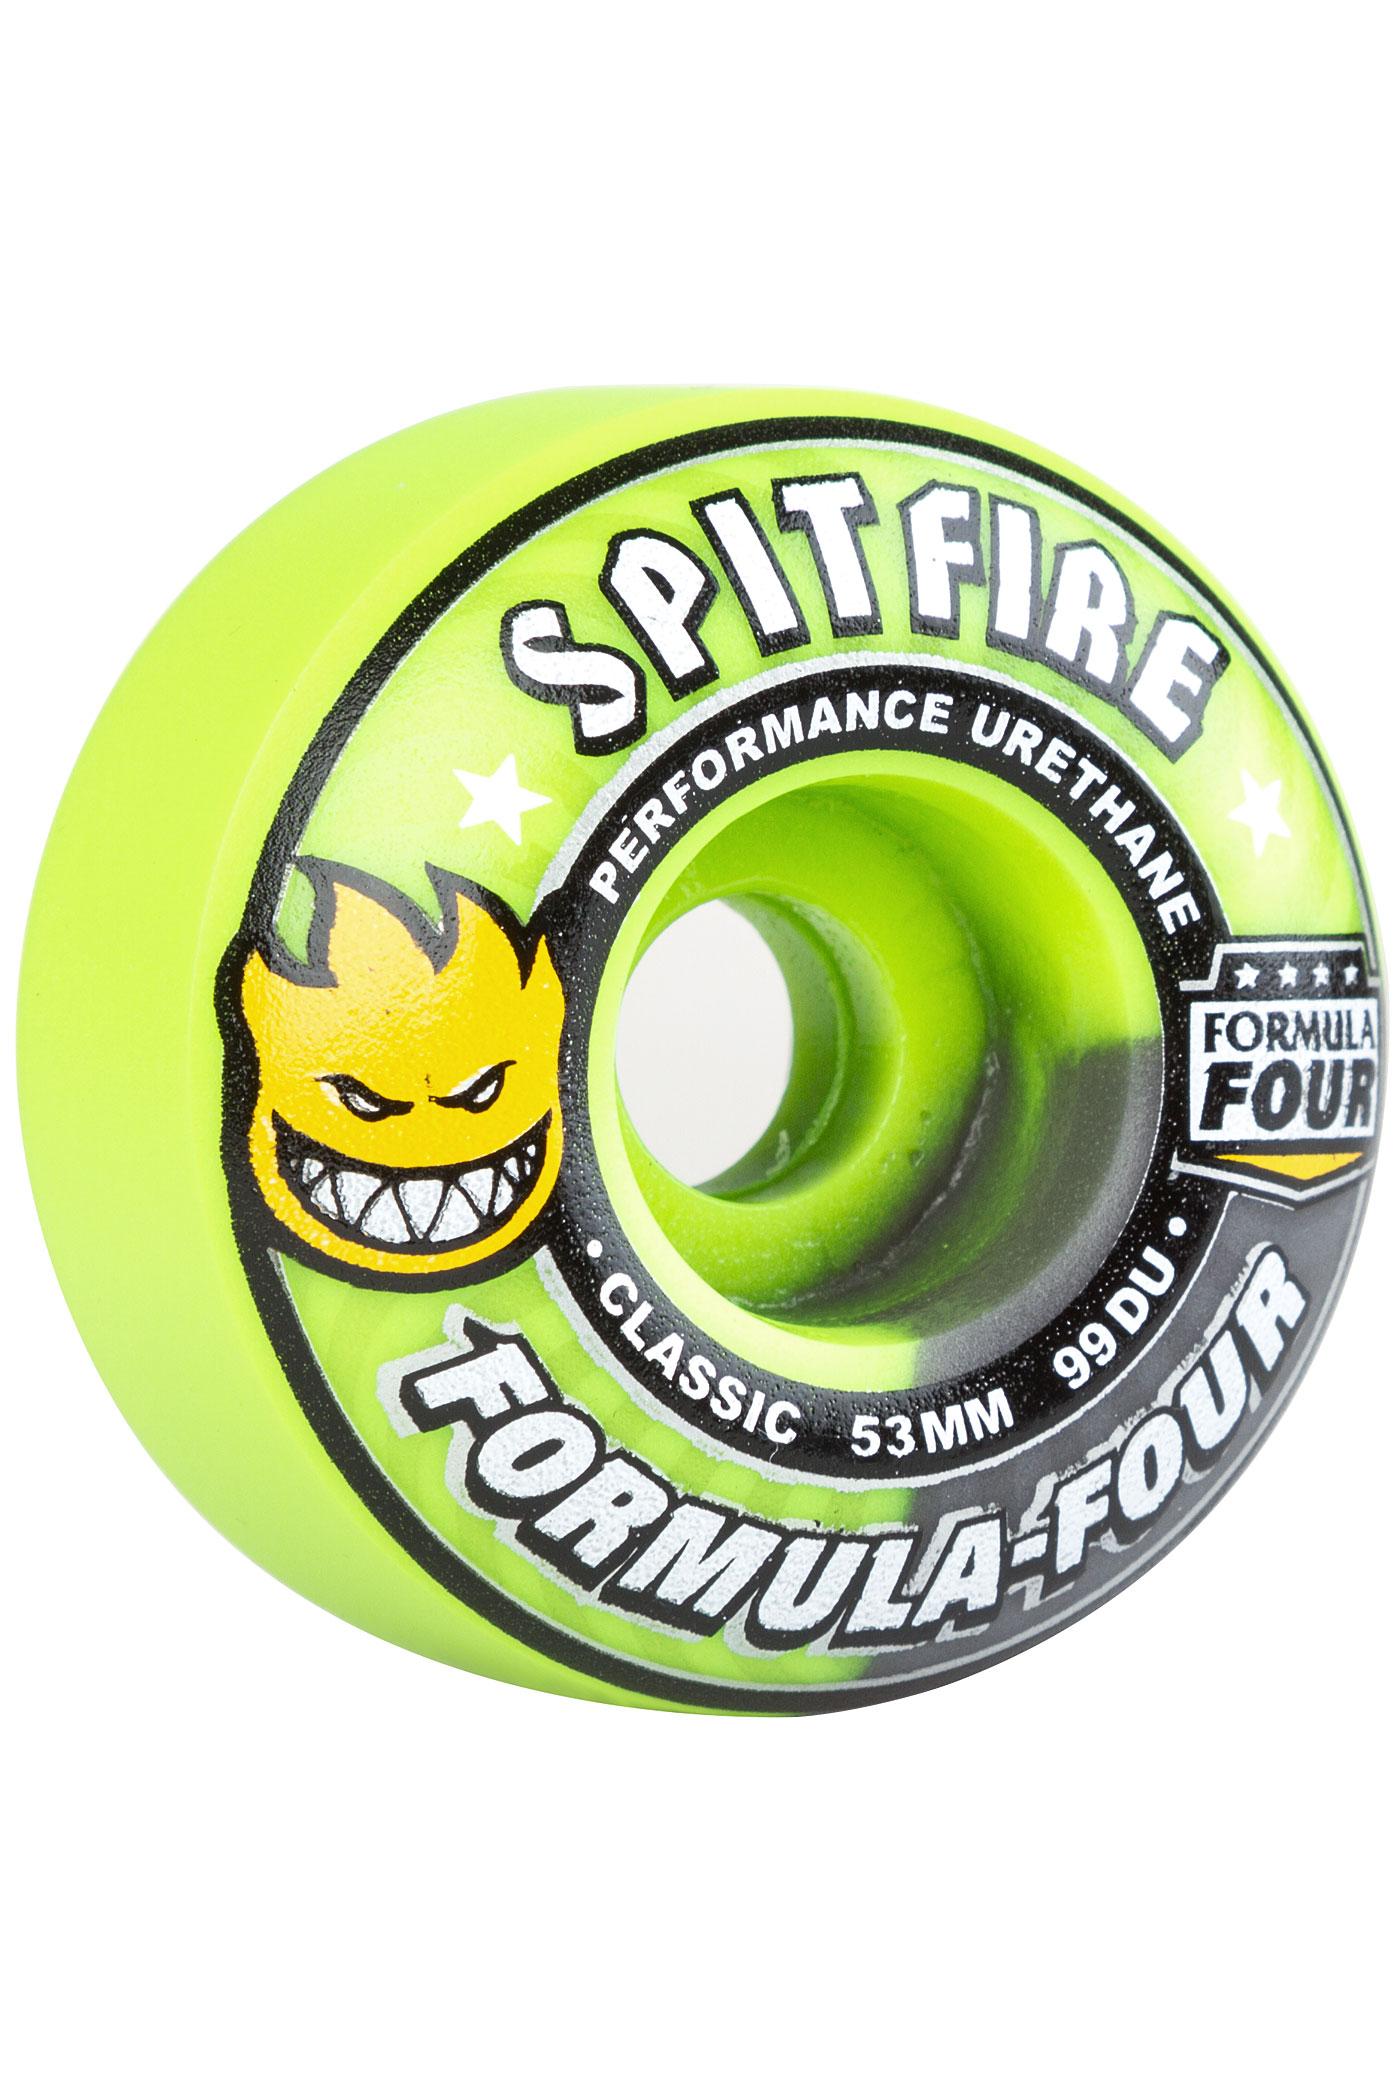 Spitfire Formula Four ...